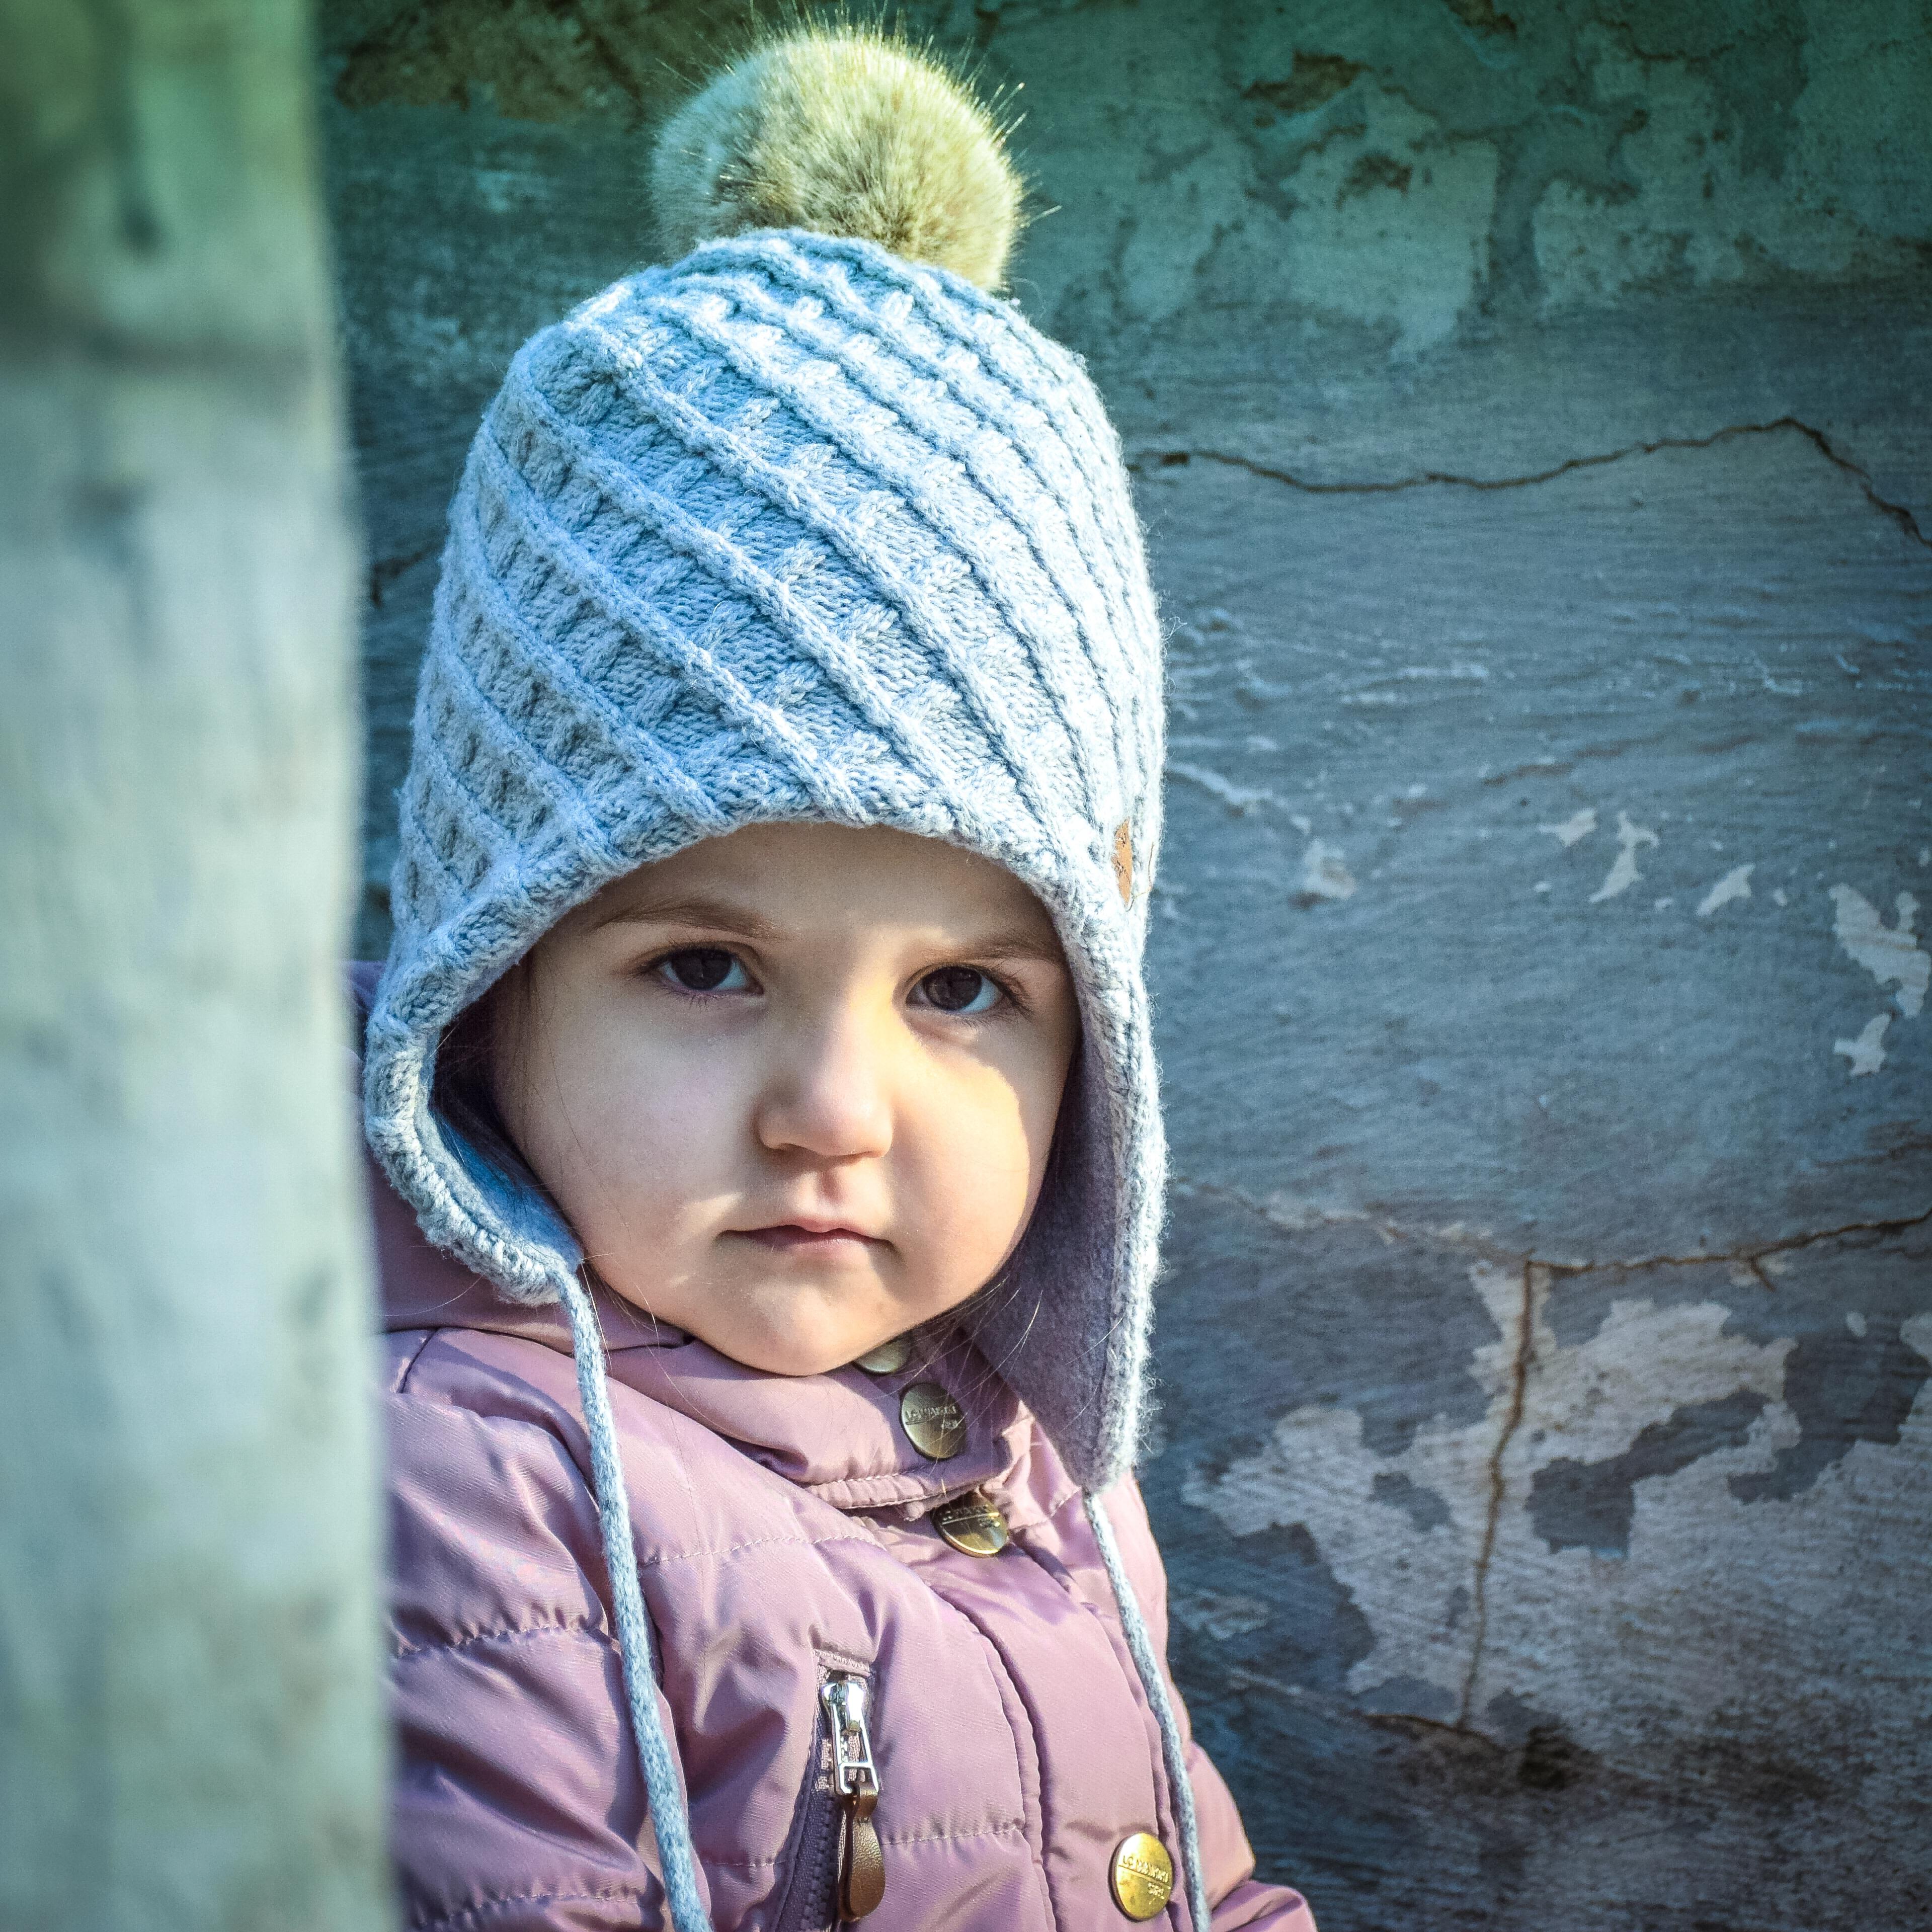 Fotos gratis : persona, invierno, gente, niña, niño, linda, color ...